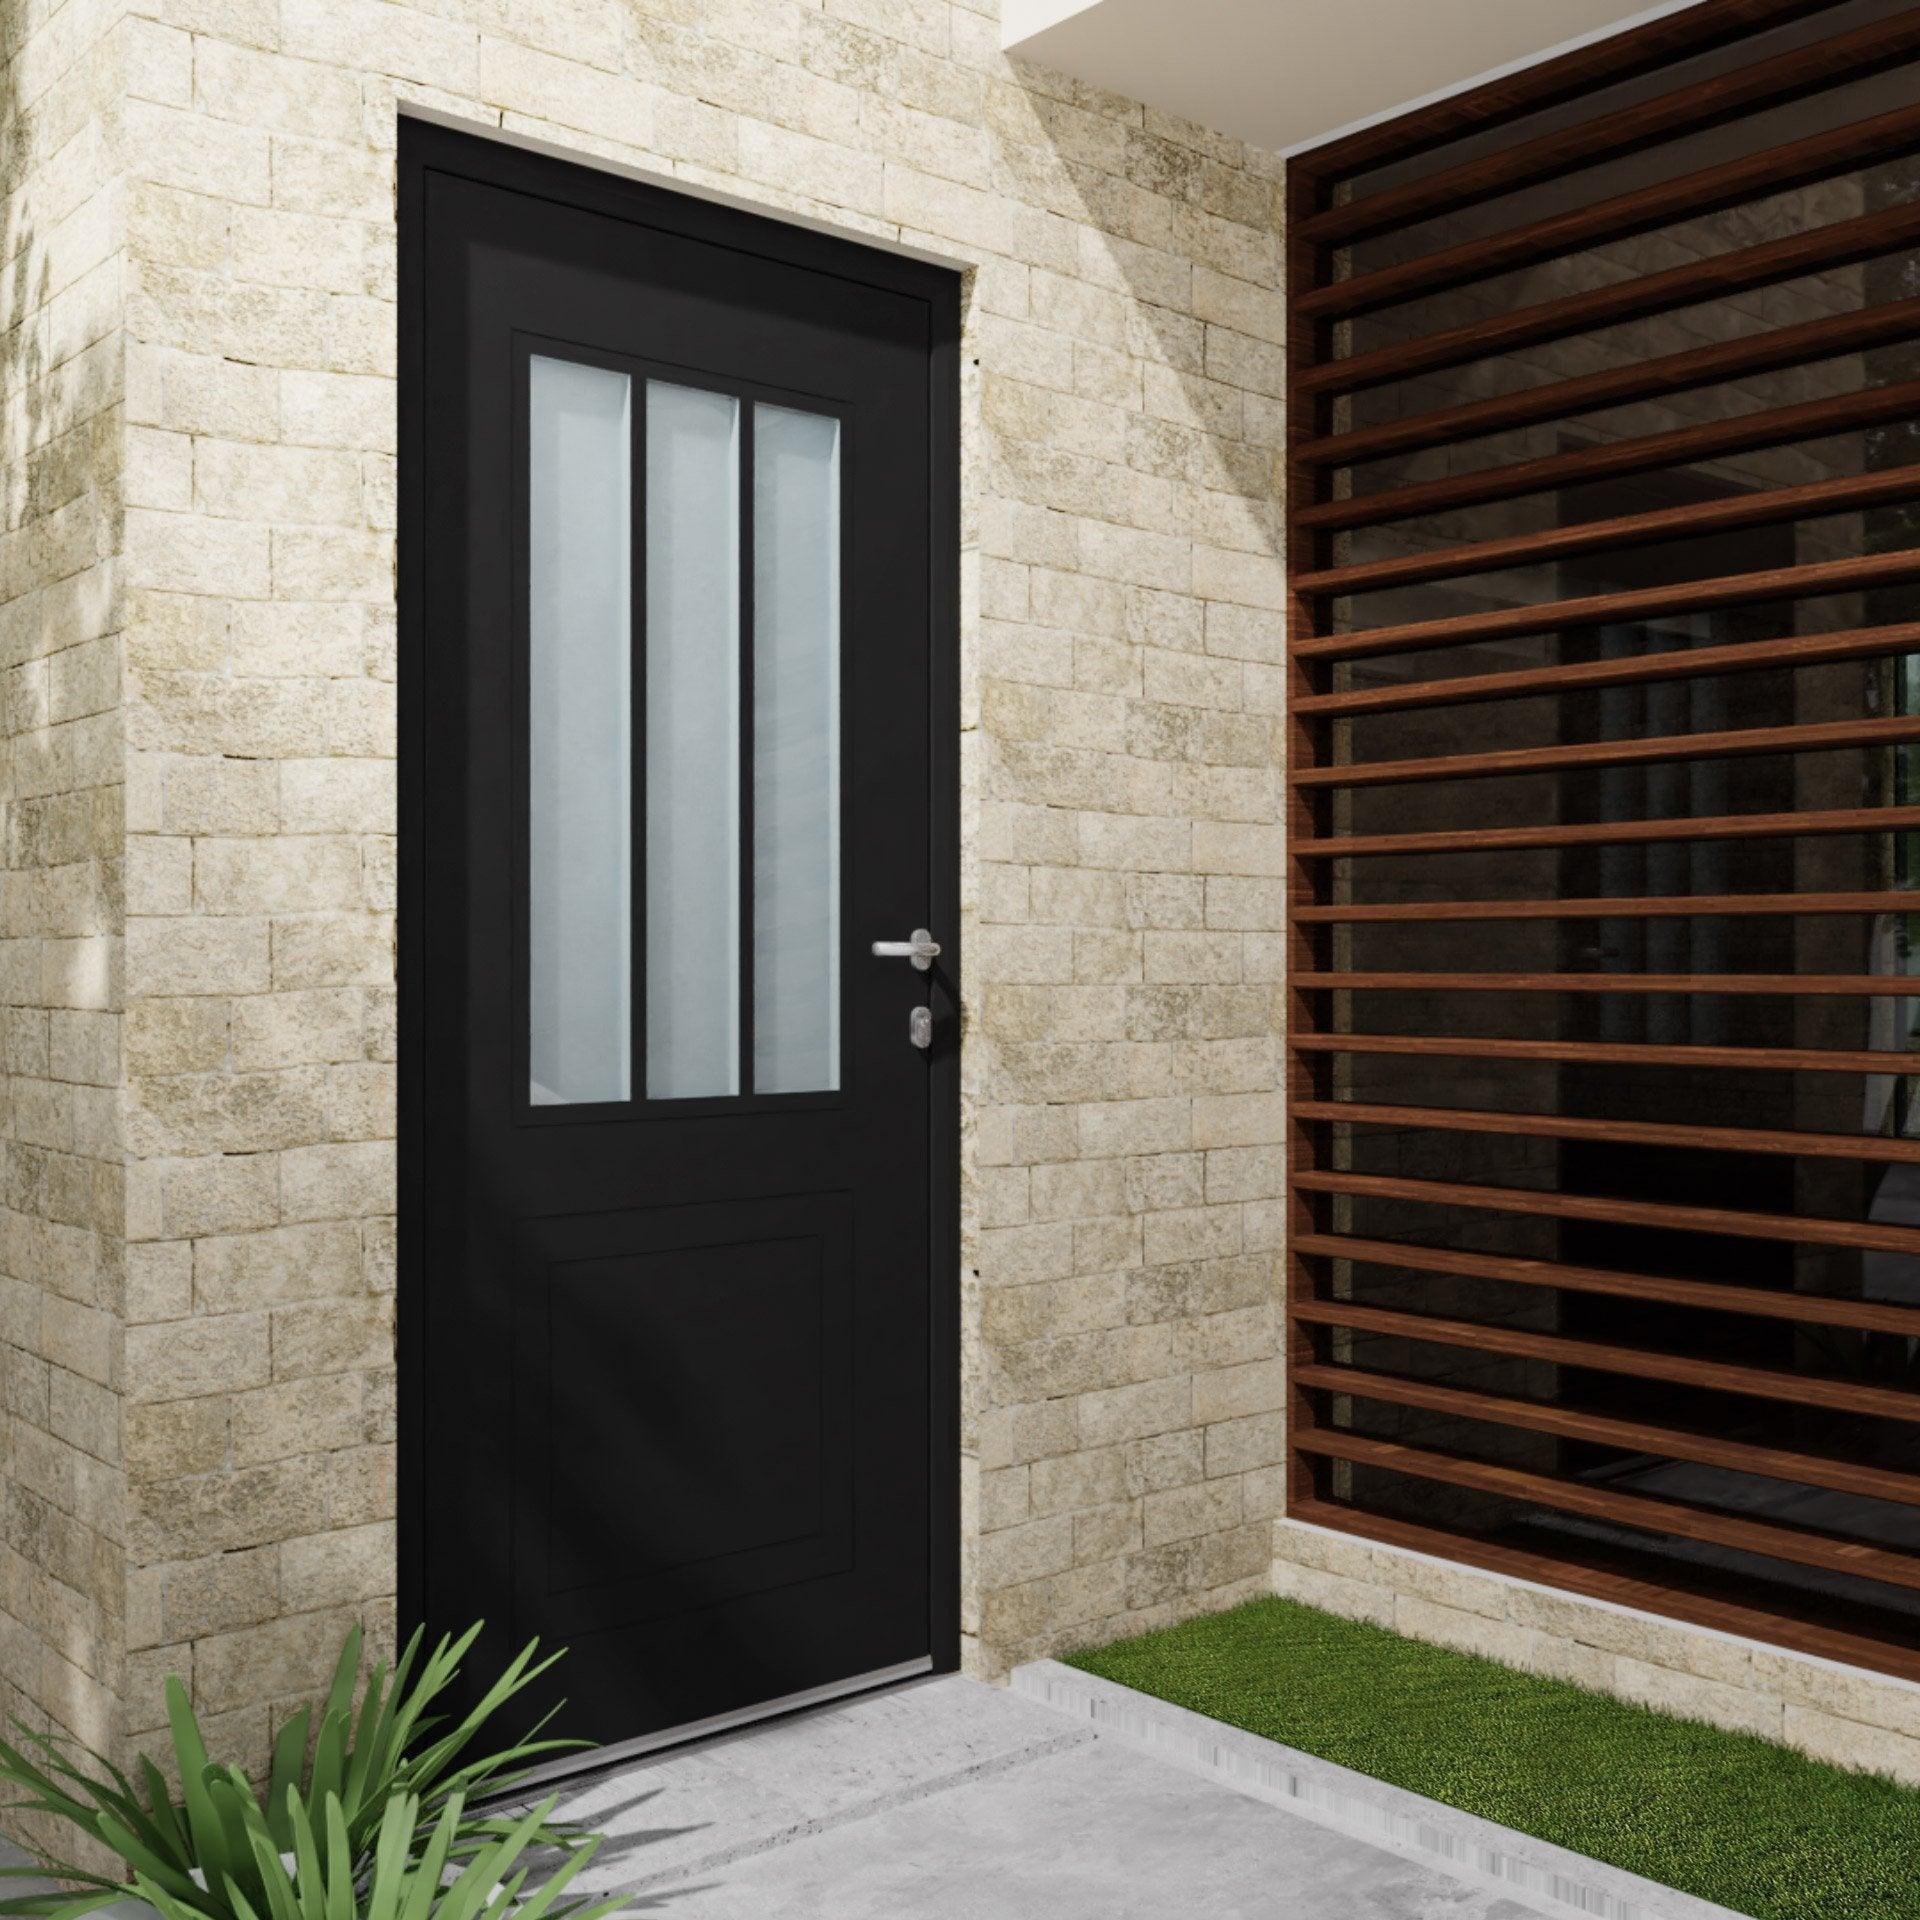 Porte Entree Vitree Opaque porte d'entrée alu atelier essentiel h.215 x l.90 cm vitrée noir, pous.  gauche